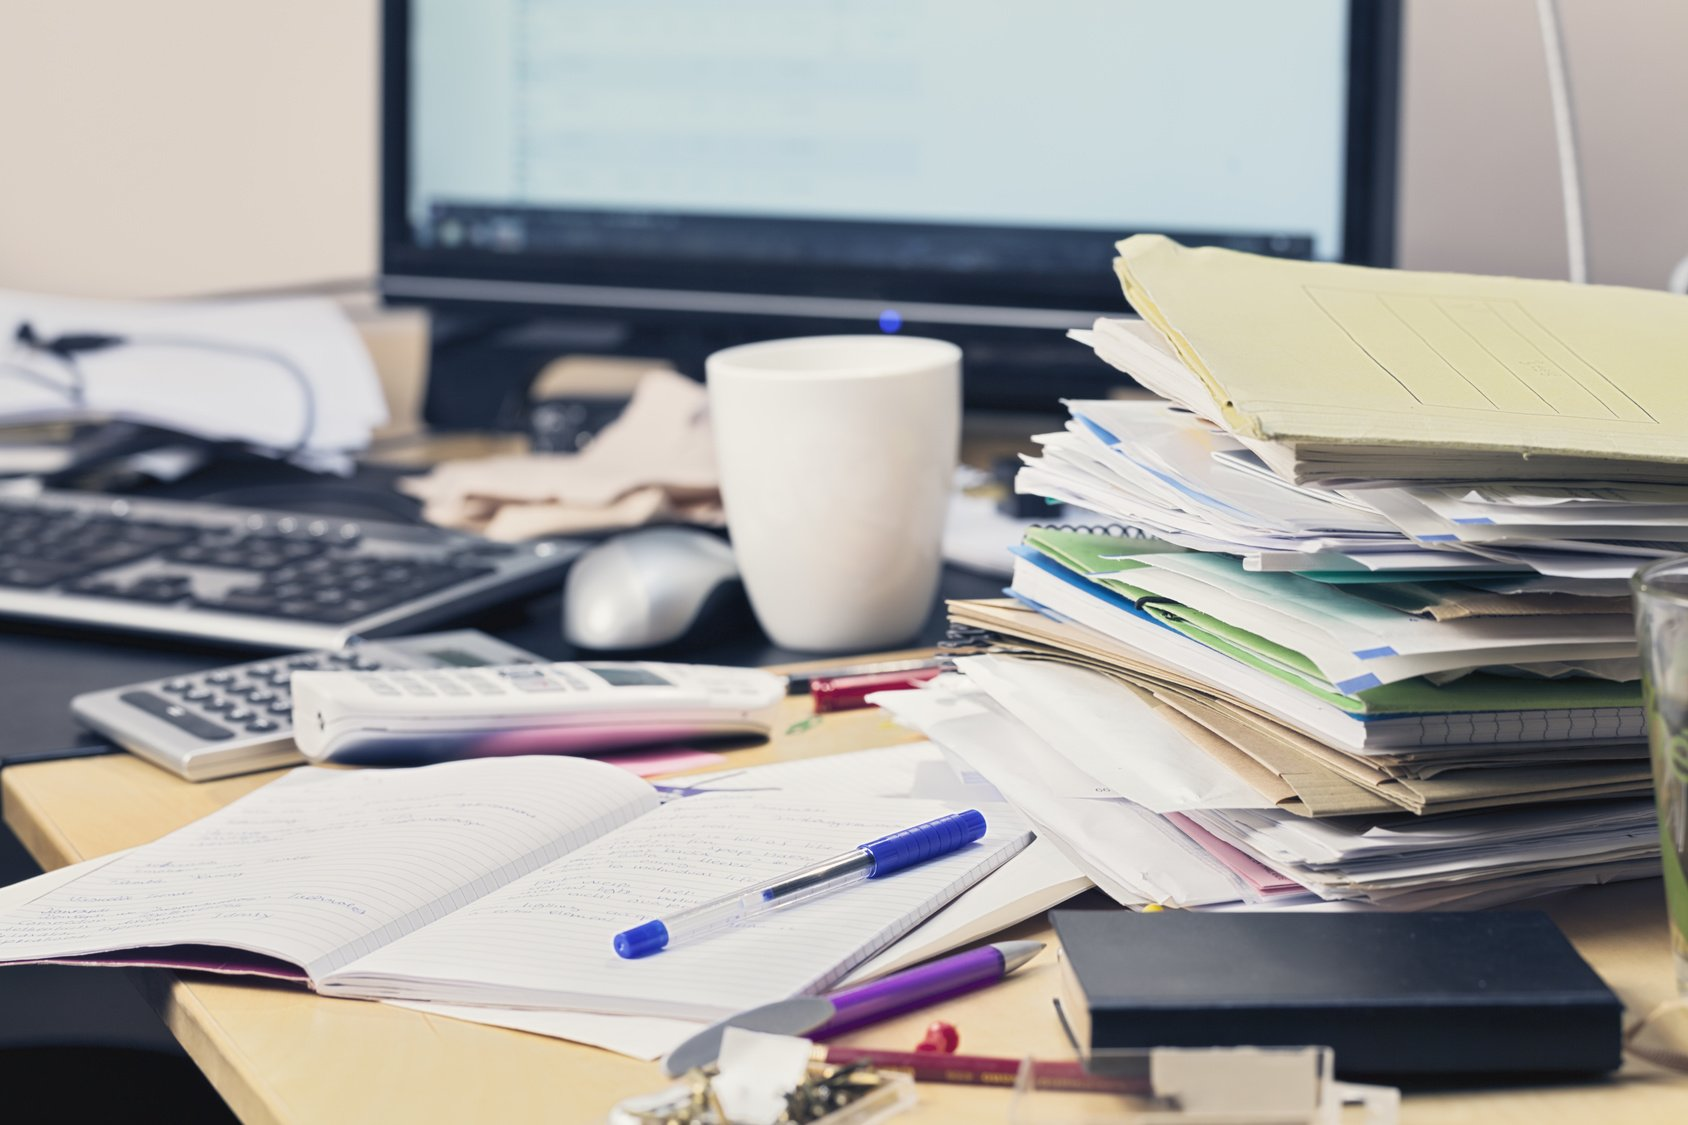 Mehr Ordnung Im Buro So Gestalten Sie Den Arbeitsplatz Effizienter Bm Online